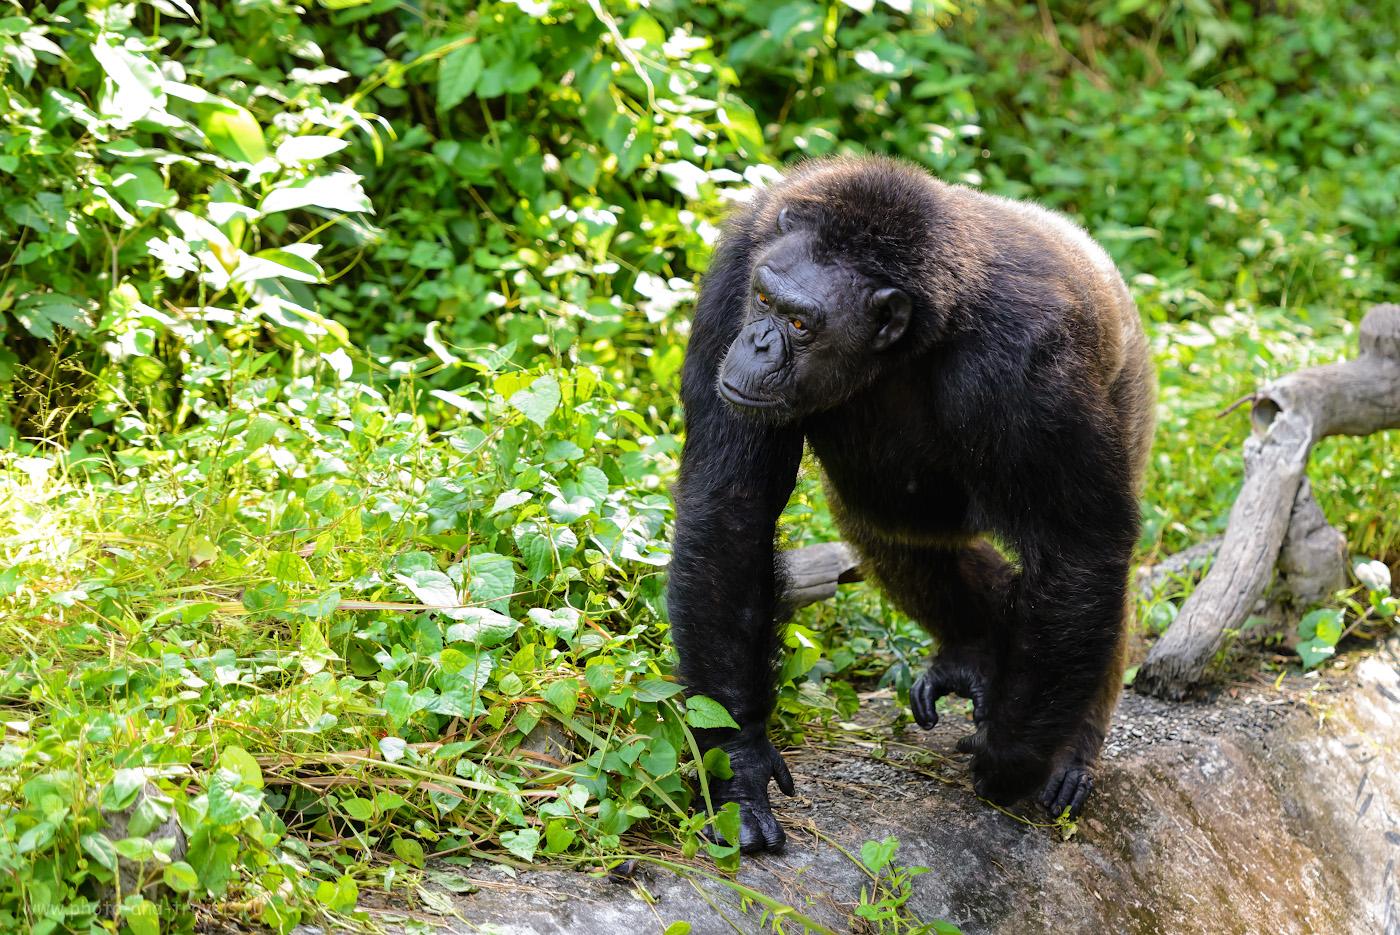 Снимок 27. Шимпанзе в зоопарке «Кхао Кхео». Если обидите, такой мужик может и камнем в лоб запустить. 1/500, +1.0, 2.8, 1400, 145.